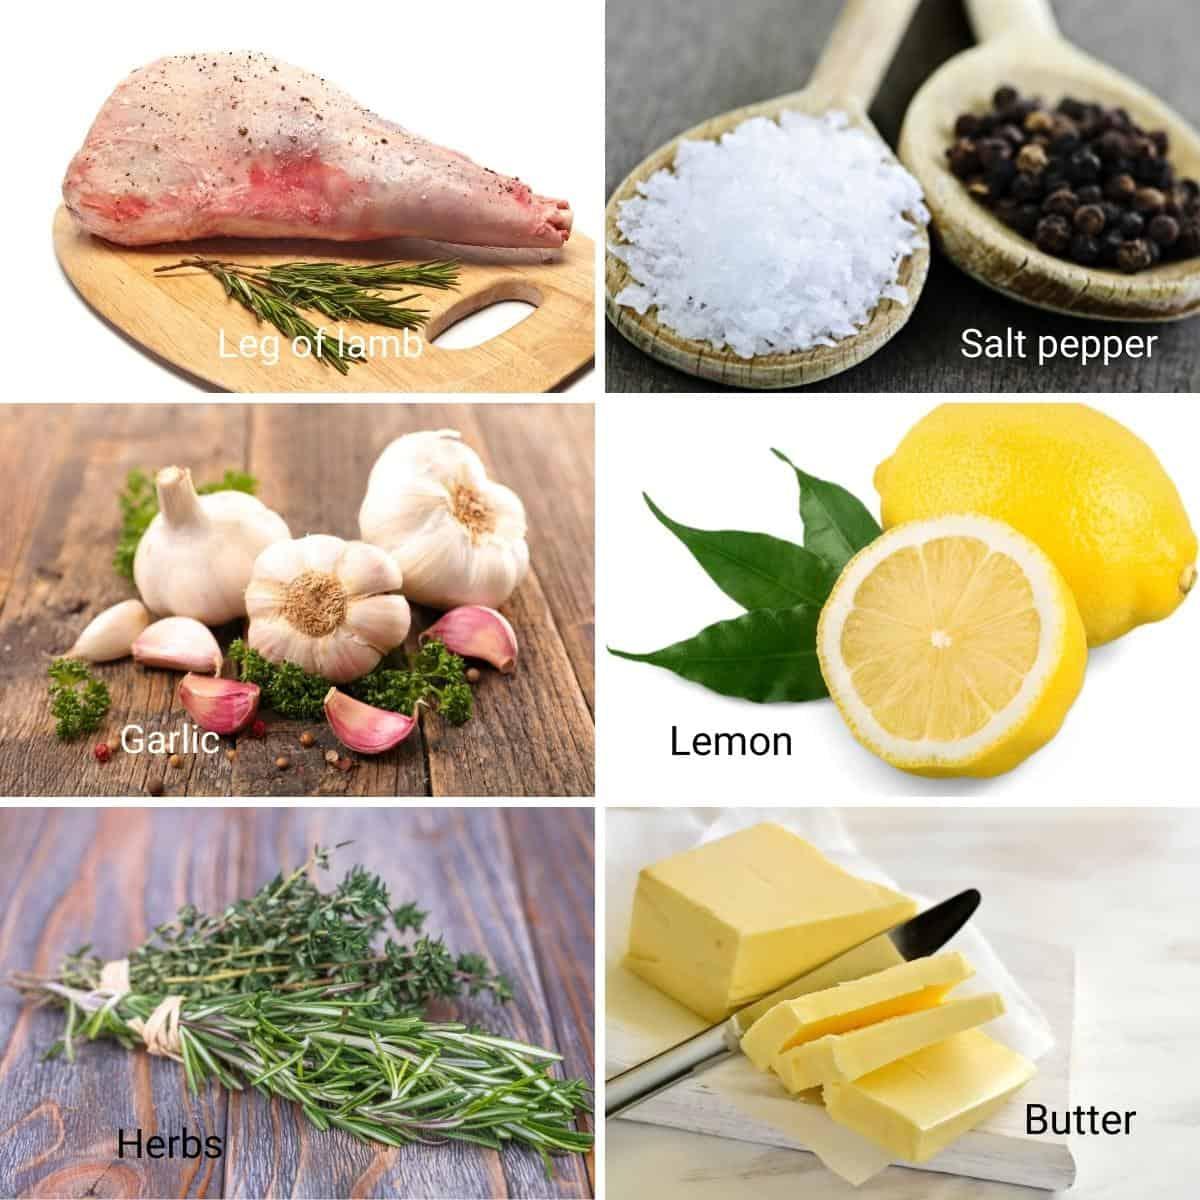 Ingredients for leg of lamb.